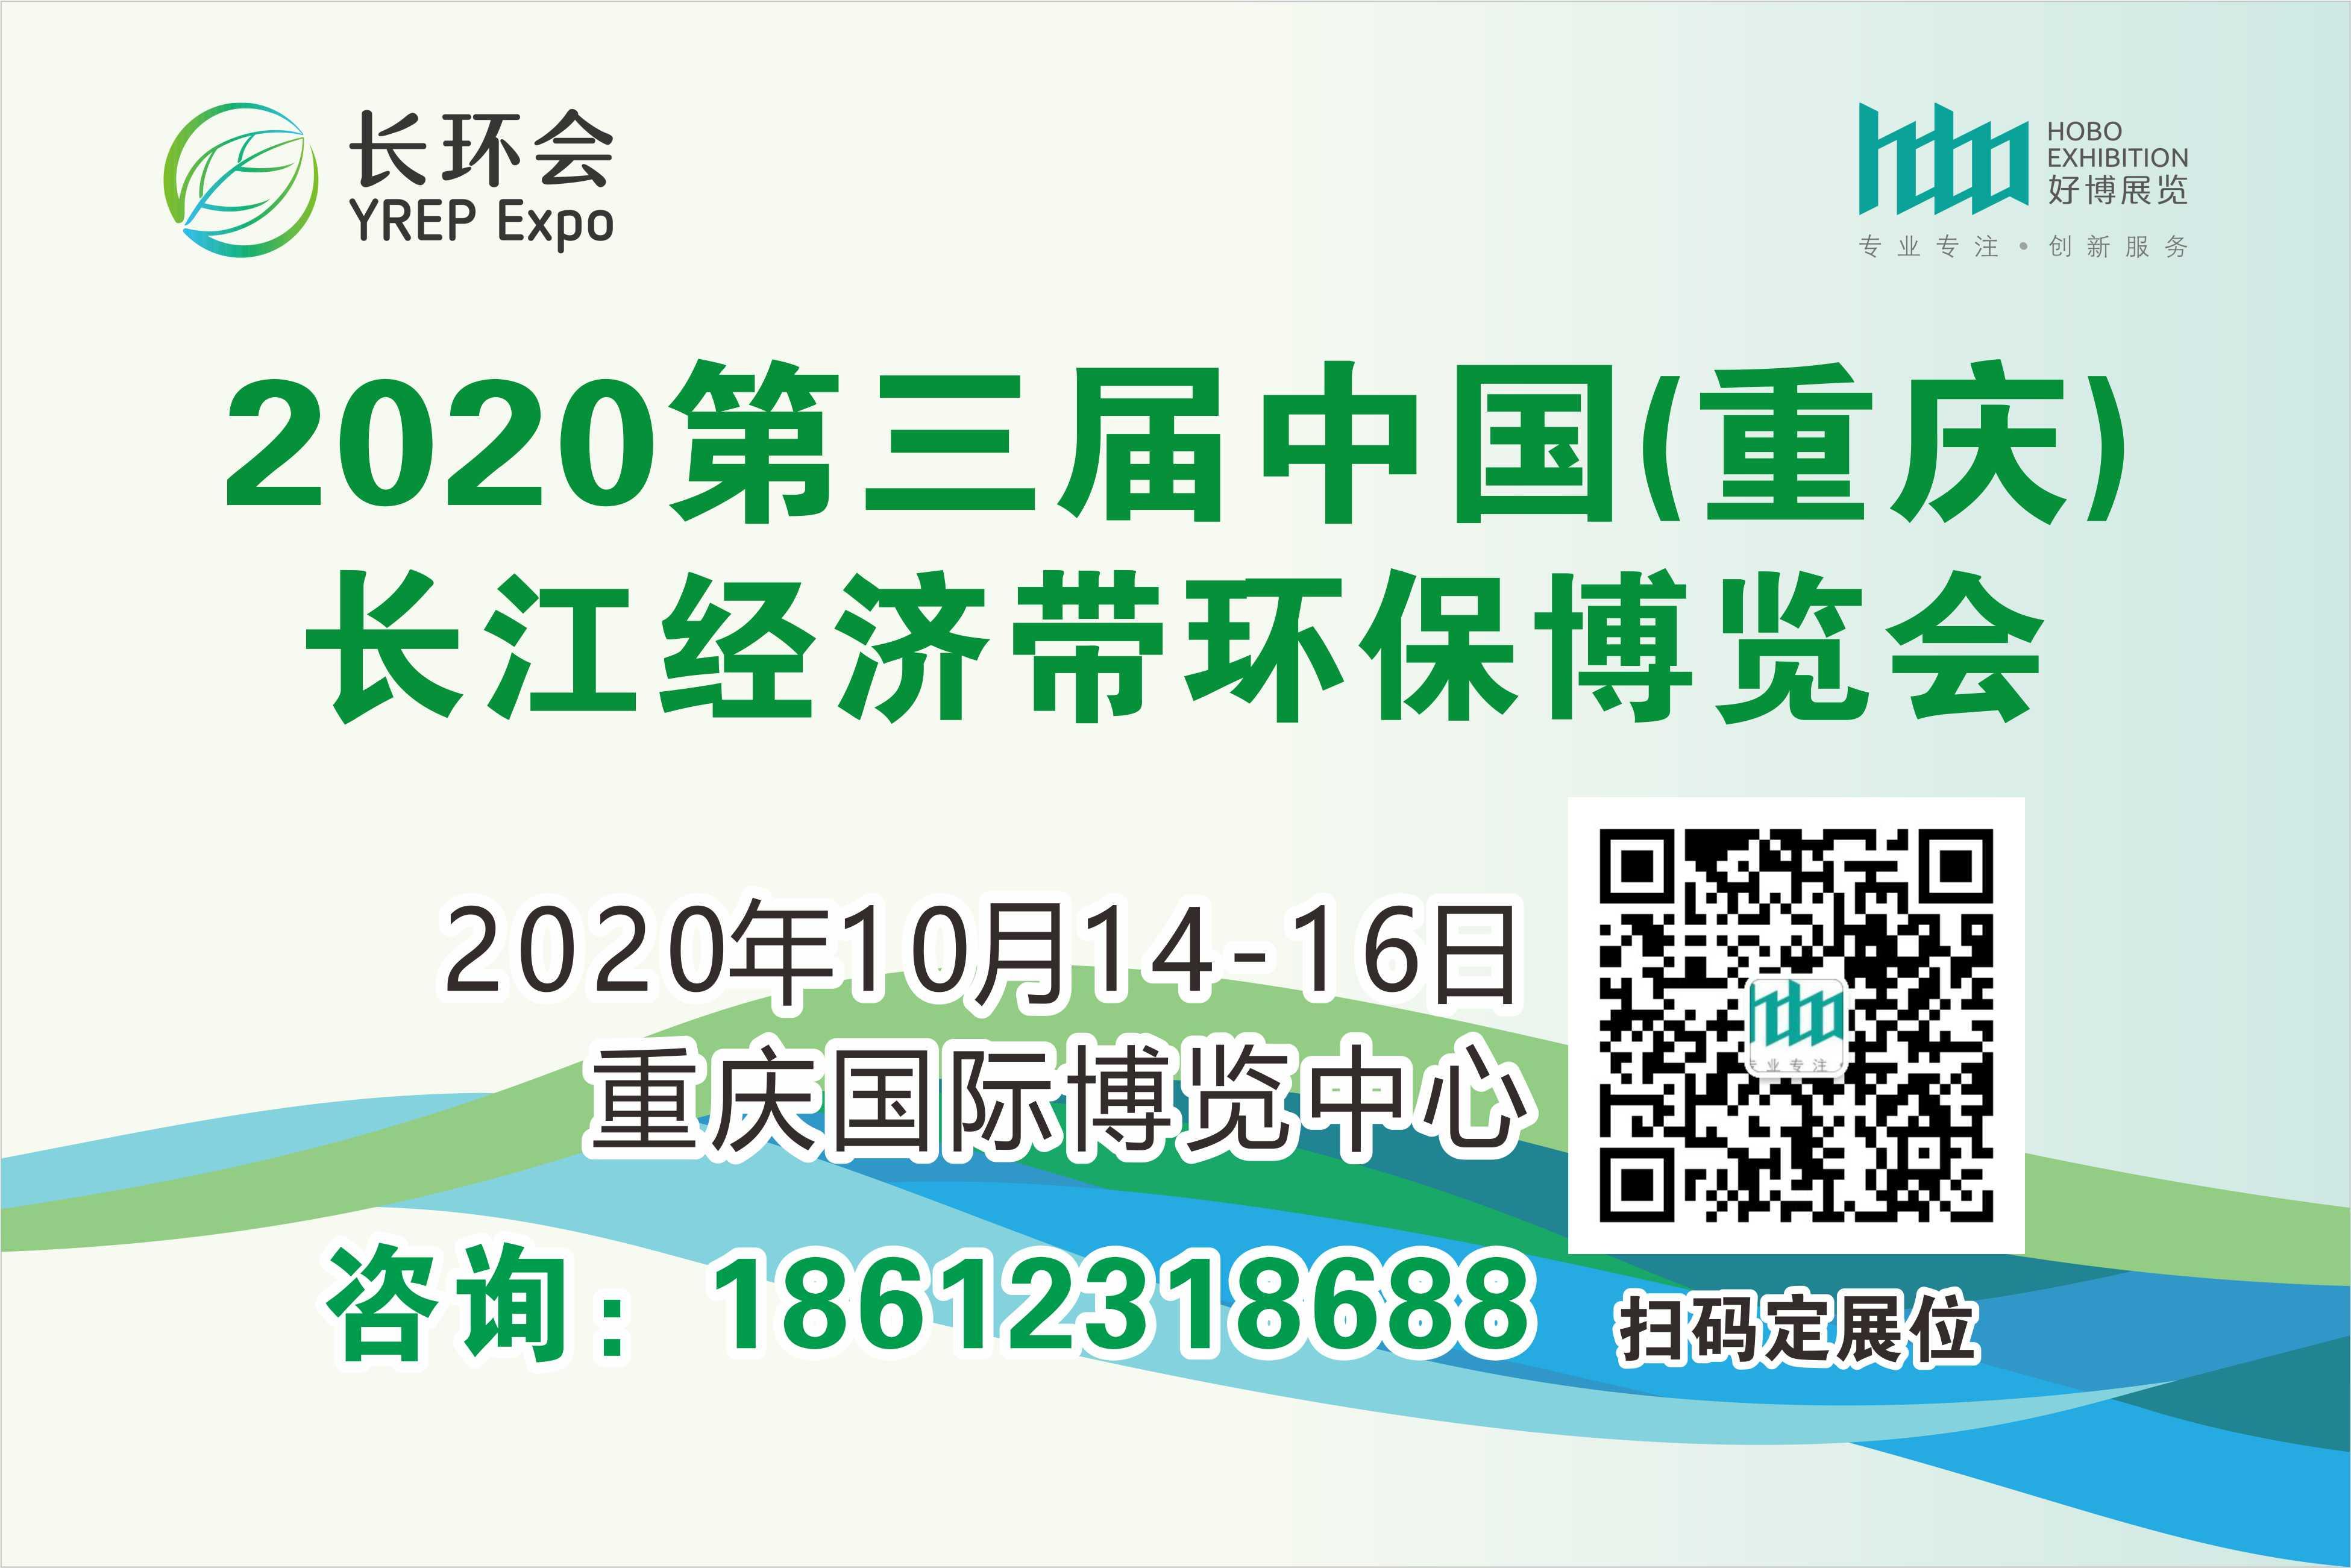 2020第三届中国(重庆)长江经济带环保博览�?/></a><span><a href=